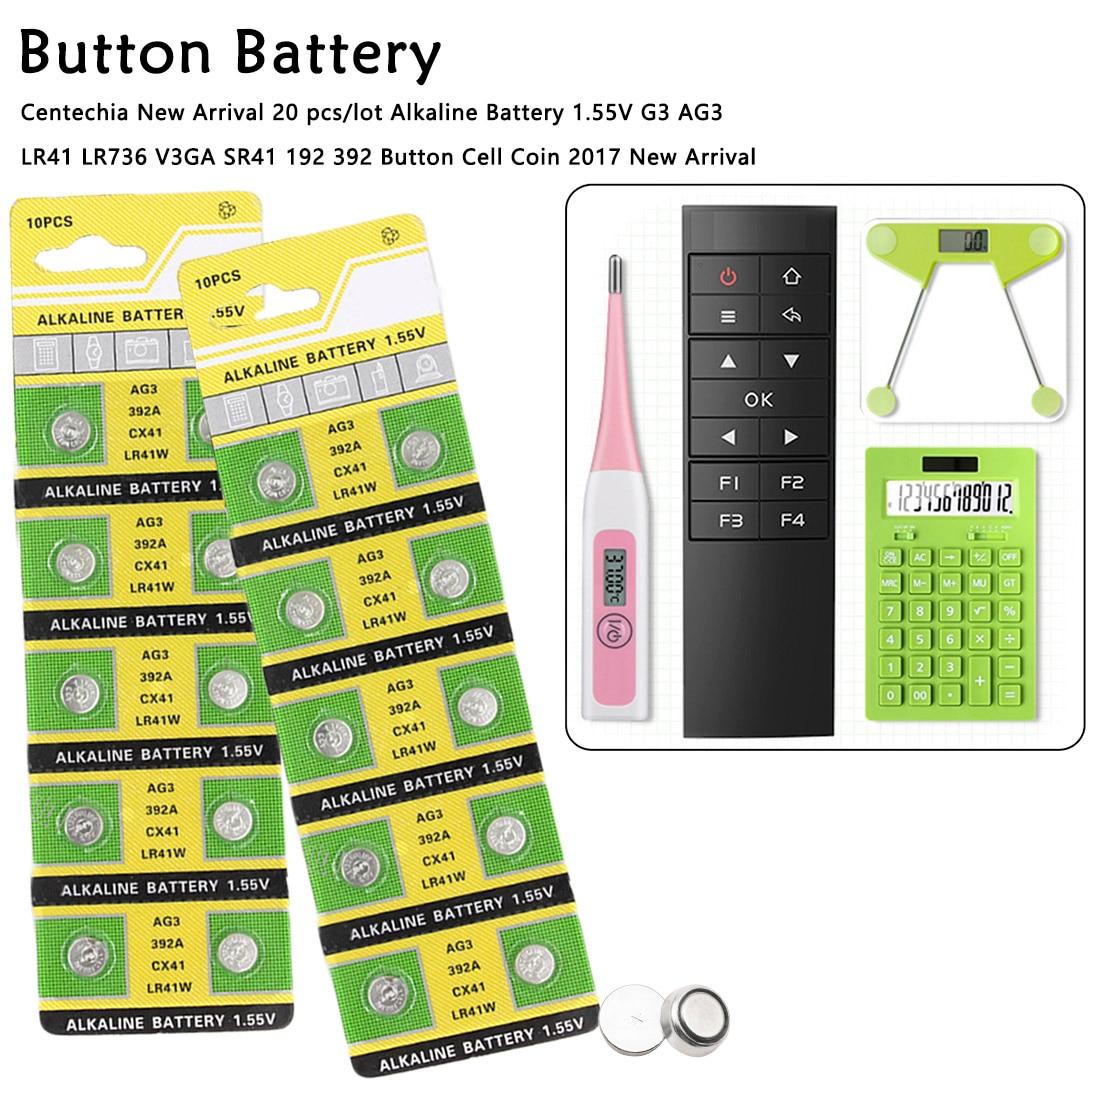 1,5 V AG3 20 unids/lote alcalina de la batería de 1,55 V G3 AG3 LR41 LR736 V3GA SR41 192 de litio 392 pila de botón batería para cámara